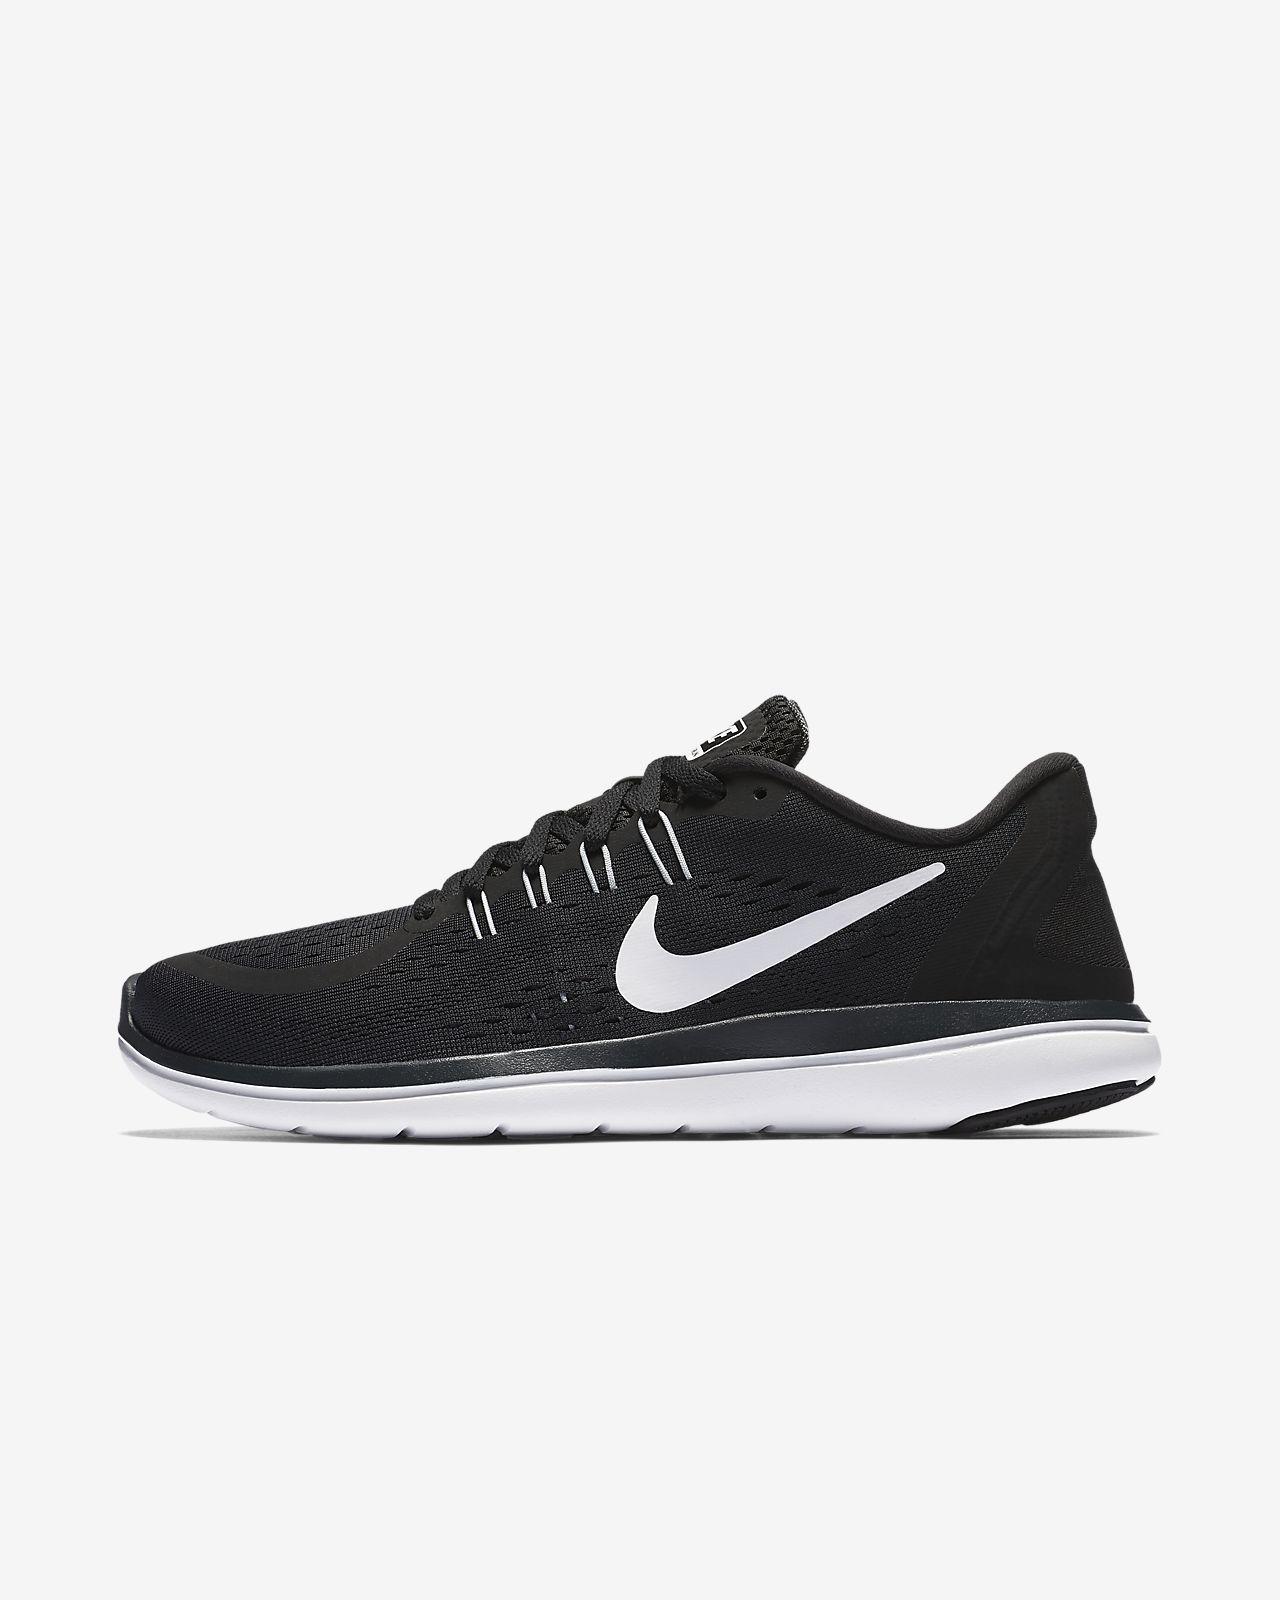 34c17cdc24cef Calzado de running para mujer Nike Flex 2017 RN. Nike.com MX